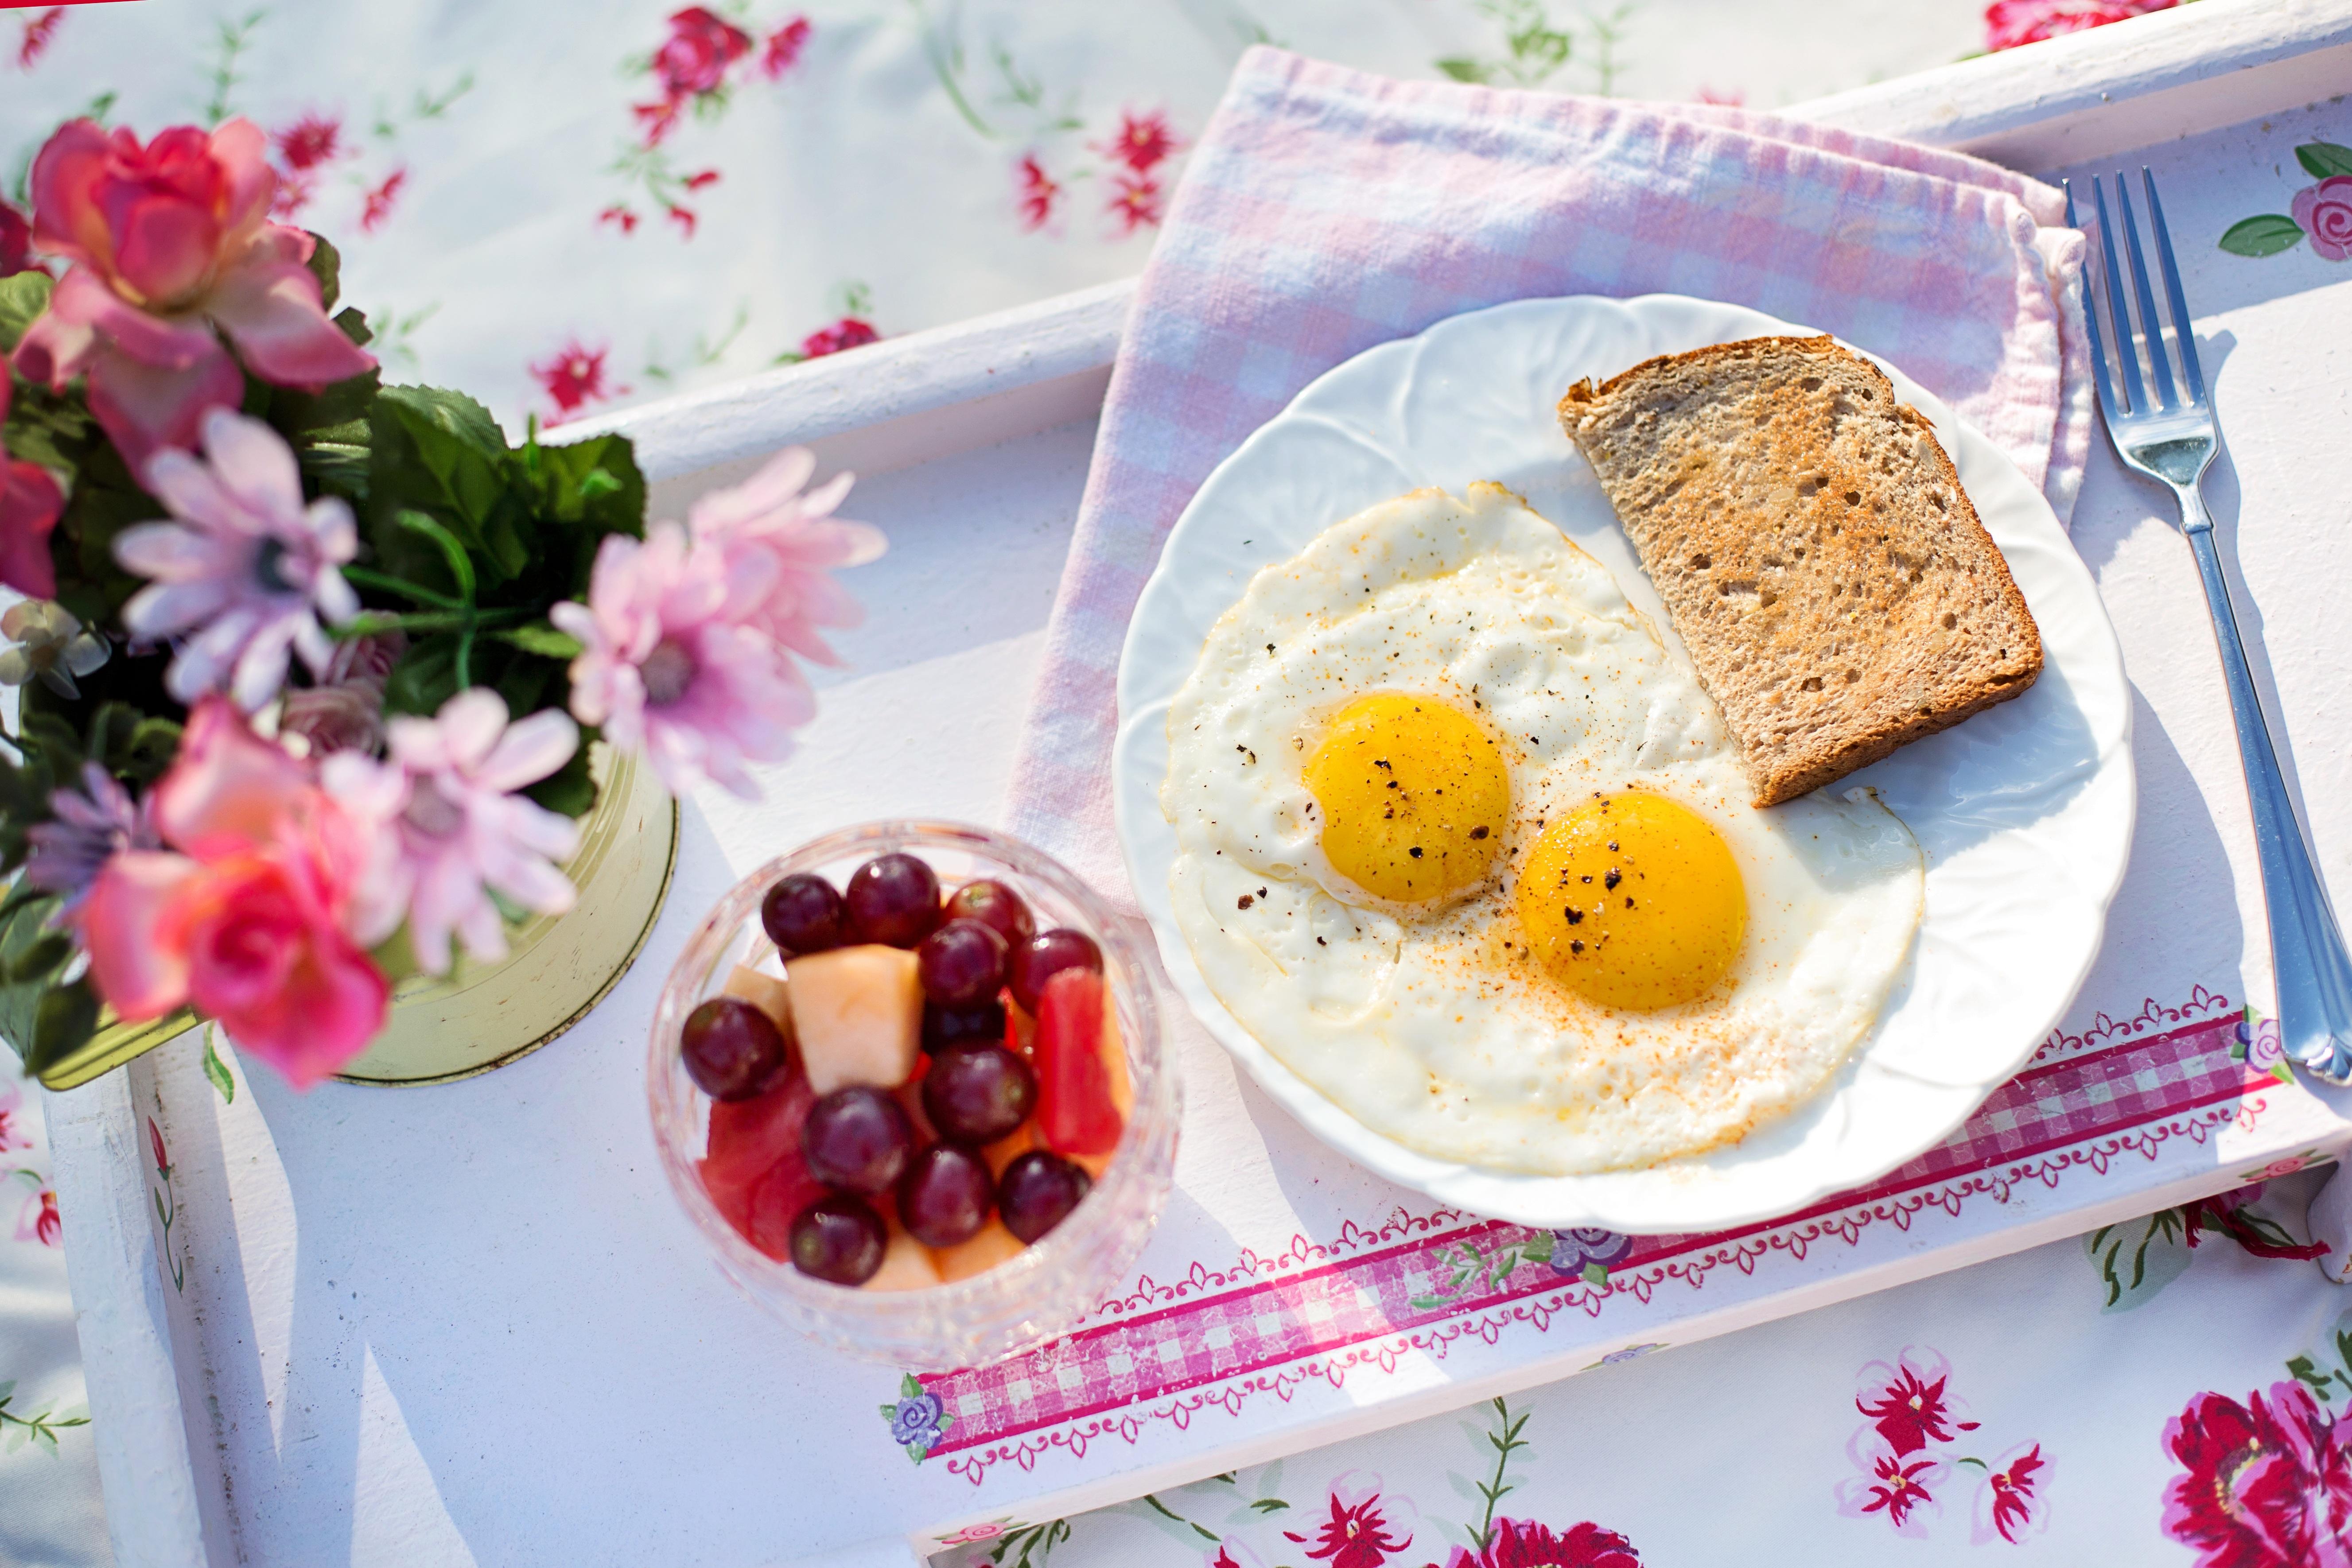 С добрым утром картинки с едой на тарелке прикольные